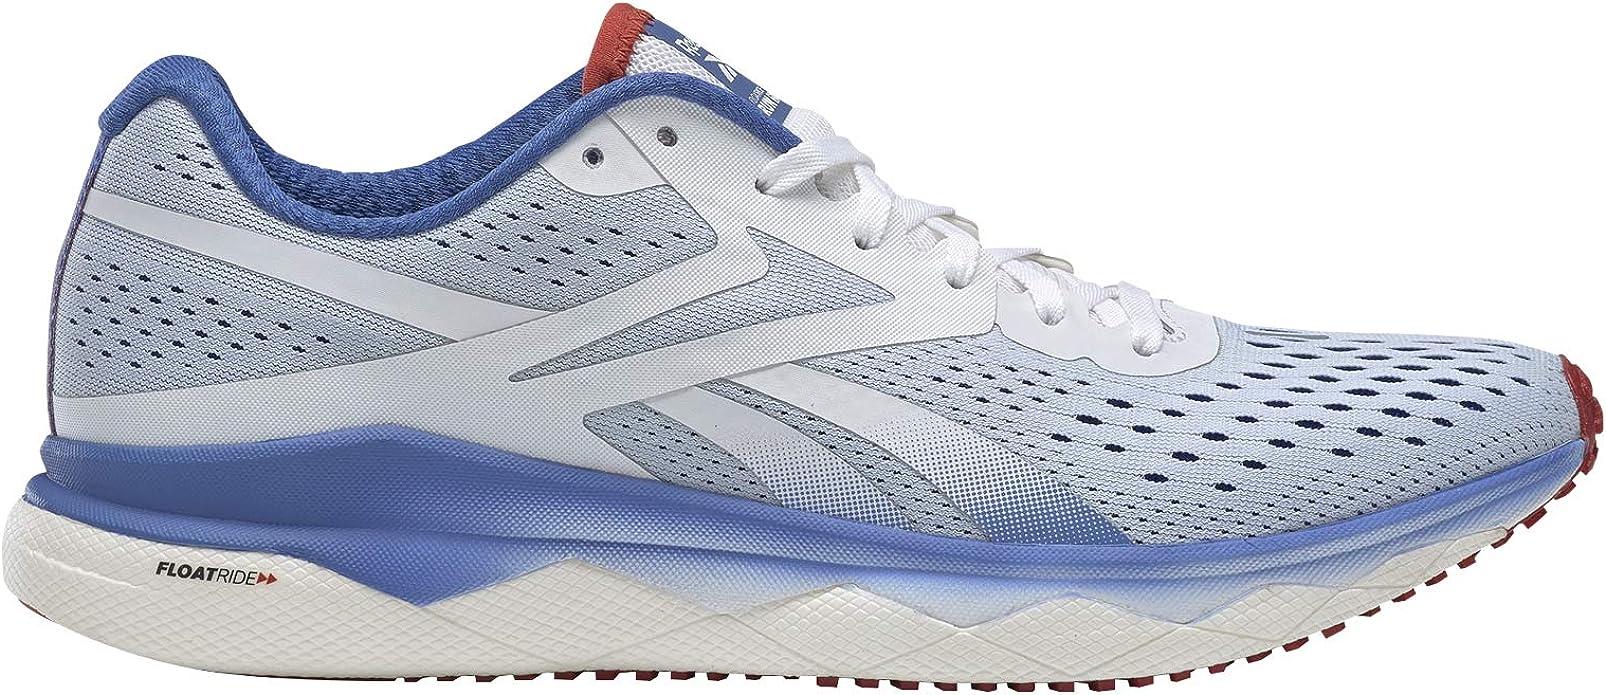 Reebok Floatride Run Fast 2.0, Zapatillas para Hombre: Amazon.es: Zapatos y complementos